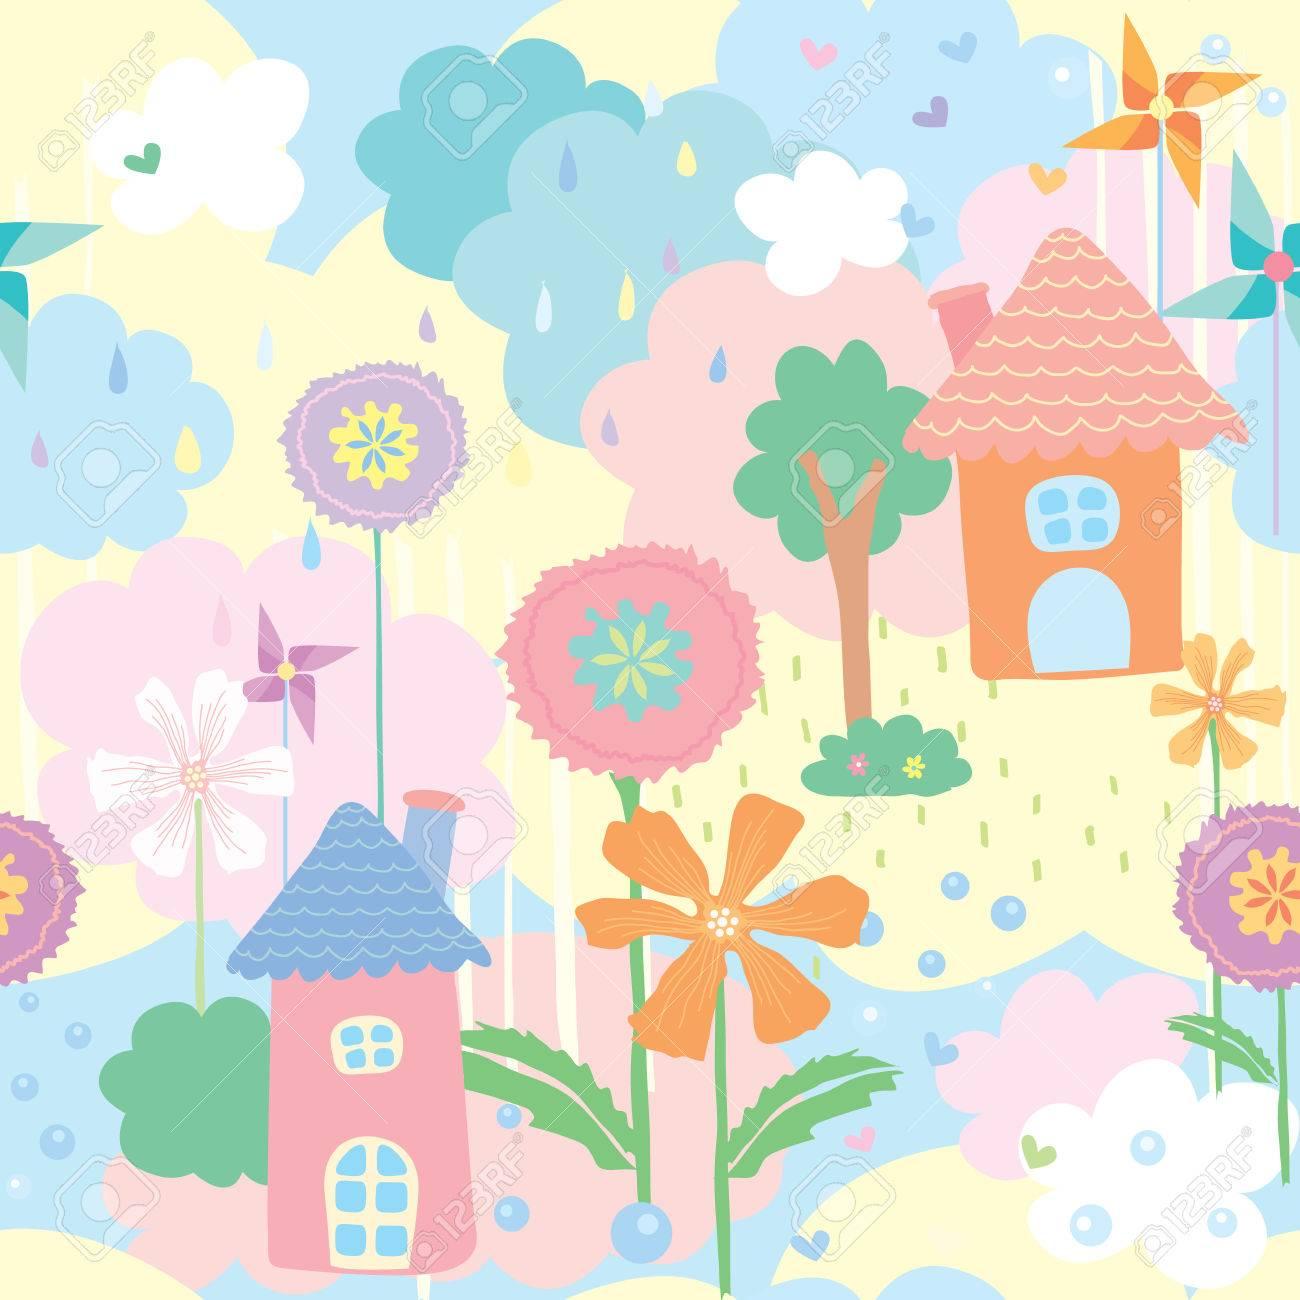 家 花 木のかわいいのシームレス パターン壁紙パステル カラーの自然